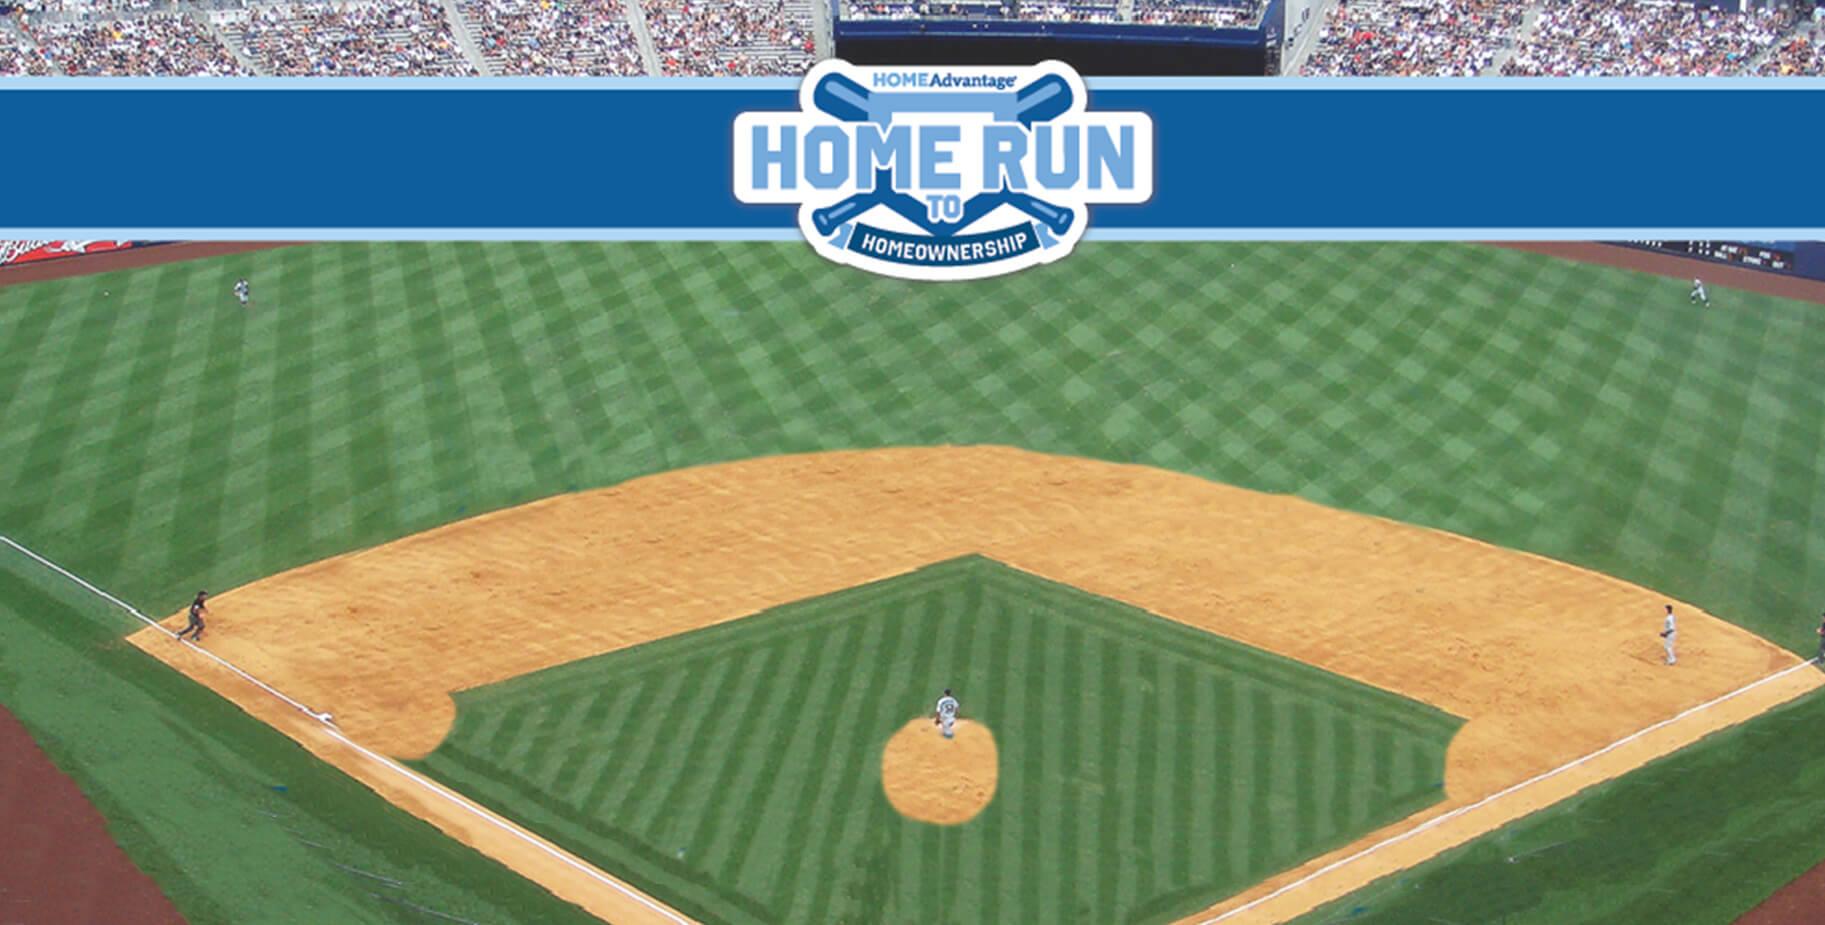 Home Run to Homeownership